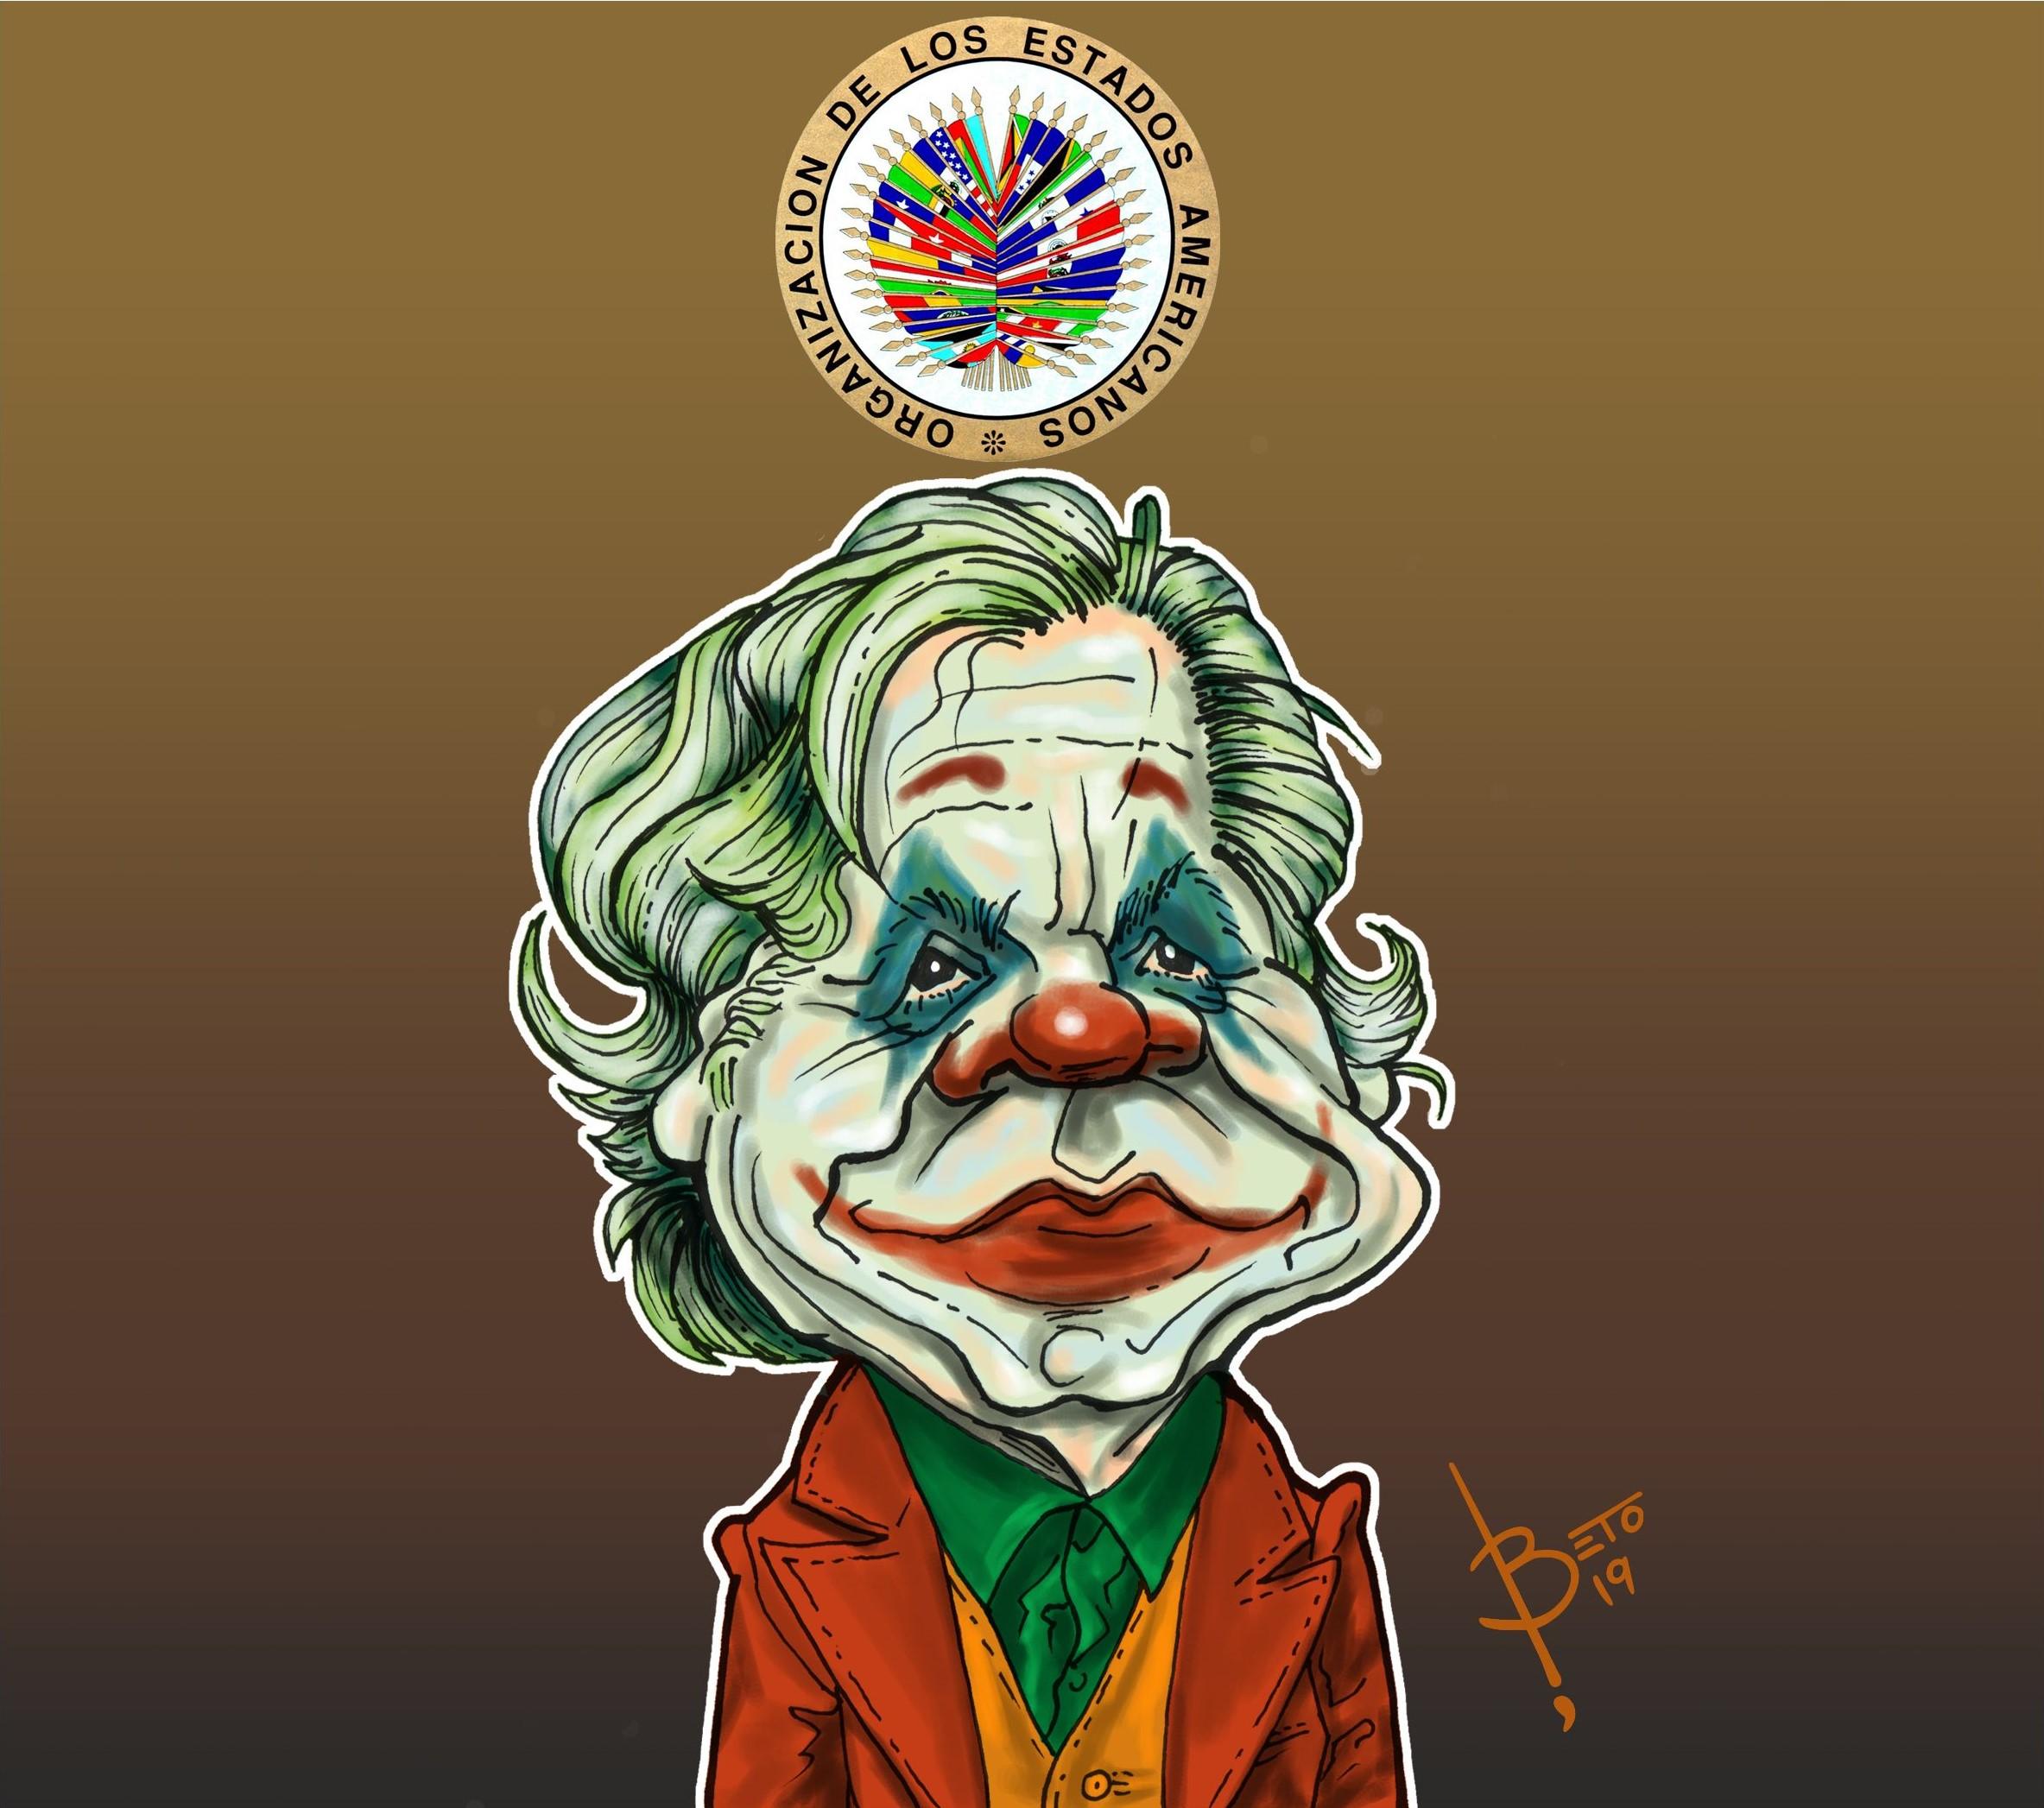 OEA, ala diplomática de la contrarrevolución Por Fabrizio Casari, altrenotizie.org